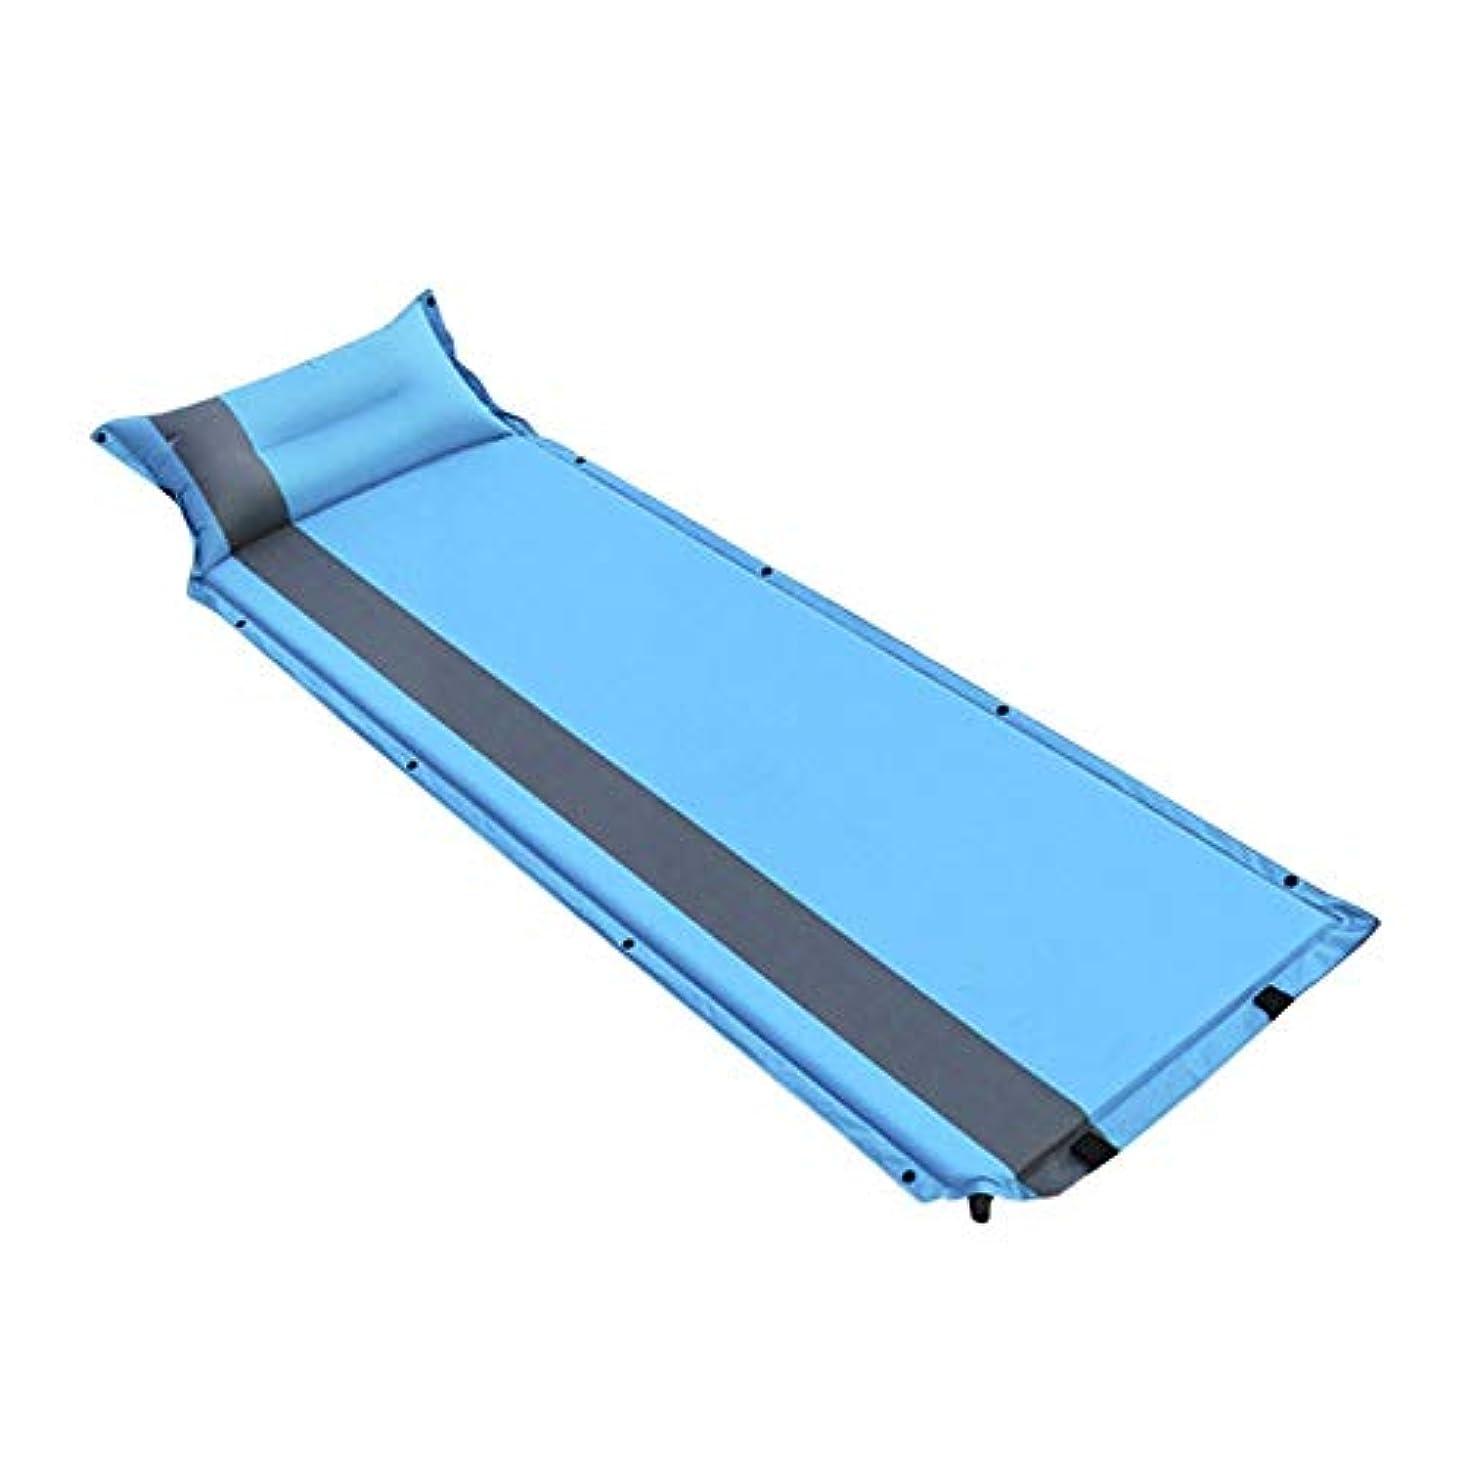 近似不安定ピーブシングル自動インフレータブルクッション屋外テントスリーピングパッドインフレータブルベッドマット厚いランチブレイクシエスタマット、187×57センチ